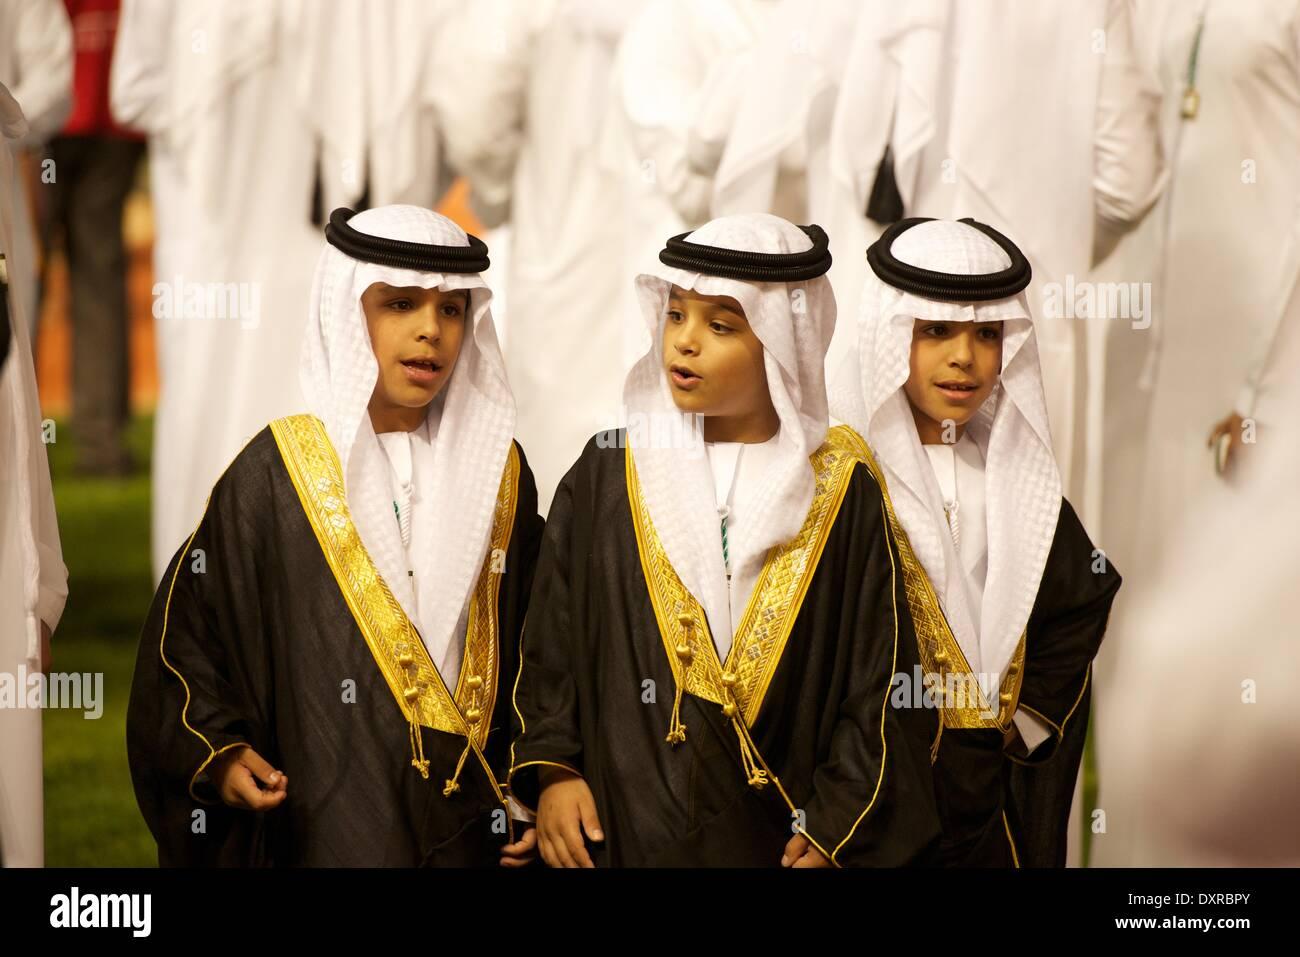 Meydan Racecourse, Dubai, Vereinigte Arabische Emirate. 29. März 2014. Drei junge Prinzen grüßen die Fahrer beim Eintritt in die Parade Ring während der Dubai World Cup Kredit: Tom Morgan/Alamy Live News Stockbild